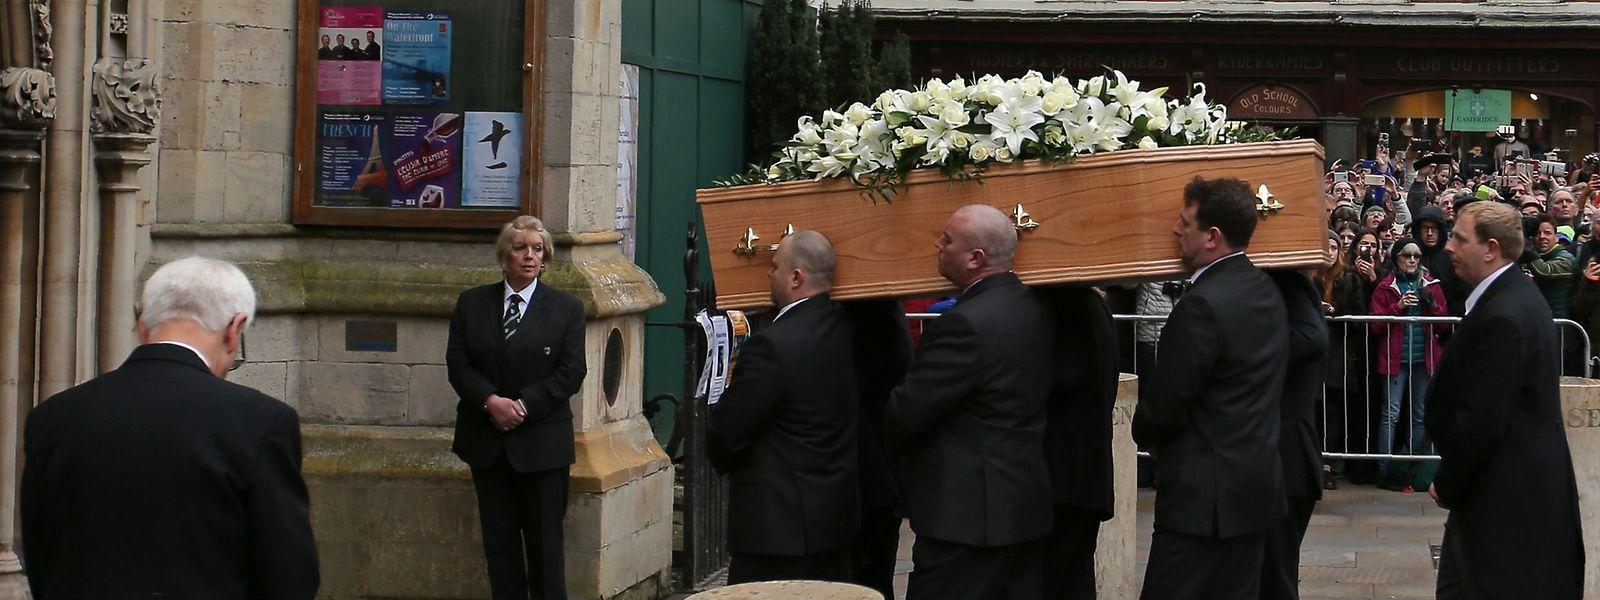 Abschied von Stephen Hawking - Trauerfeier in Cambridge